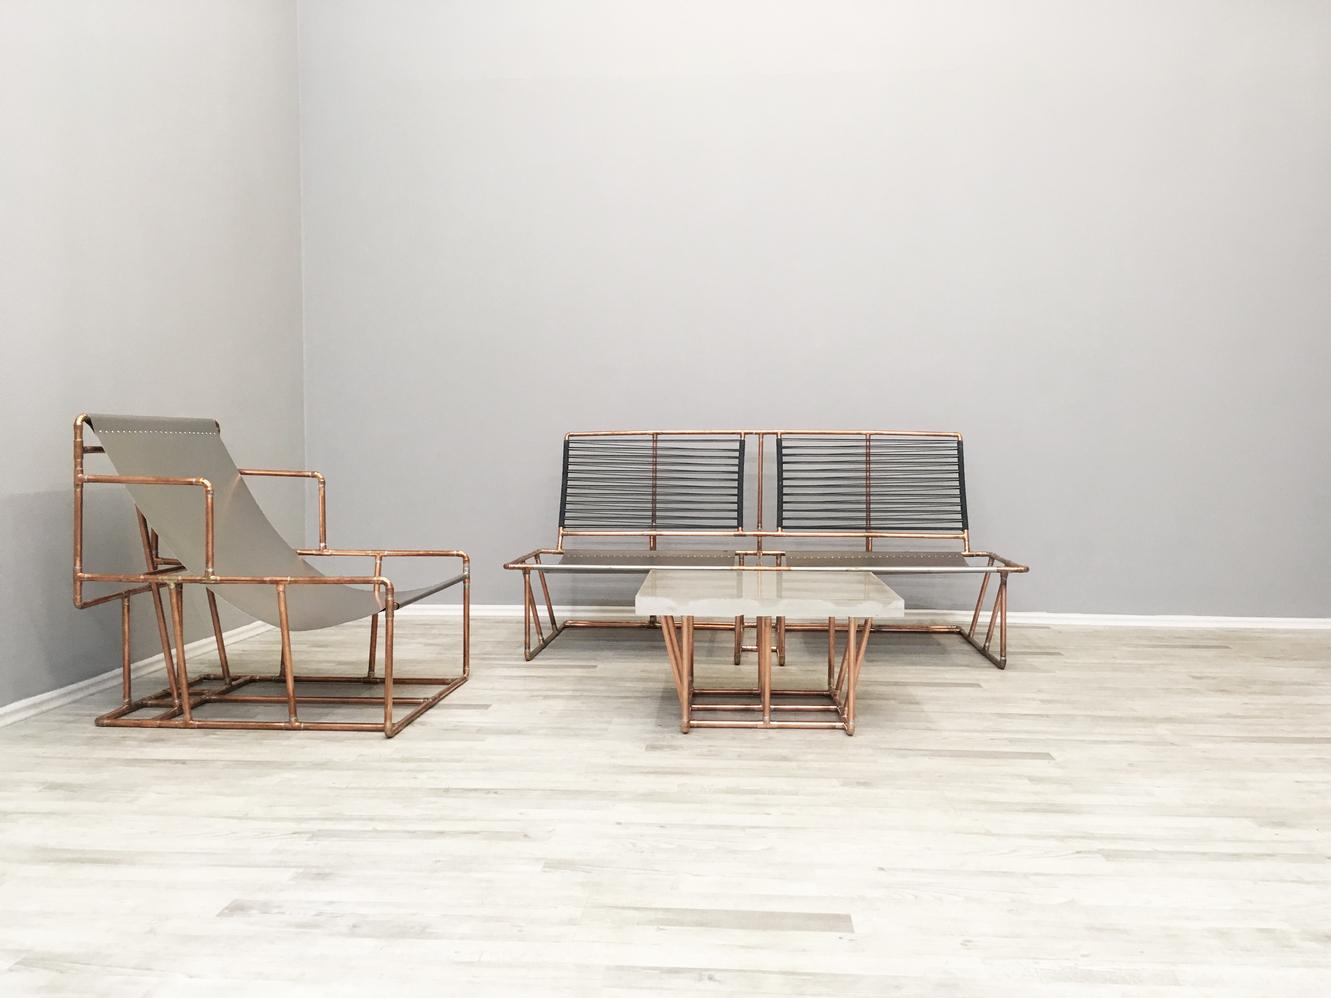 J.A.W. Hofmann Design Kupfer Stahl Möbel Interior